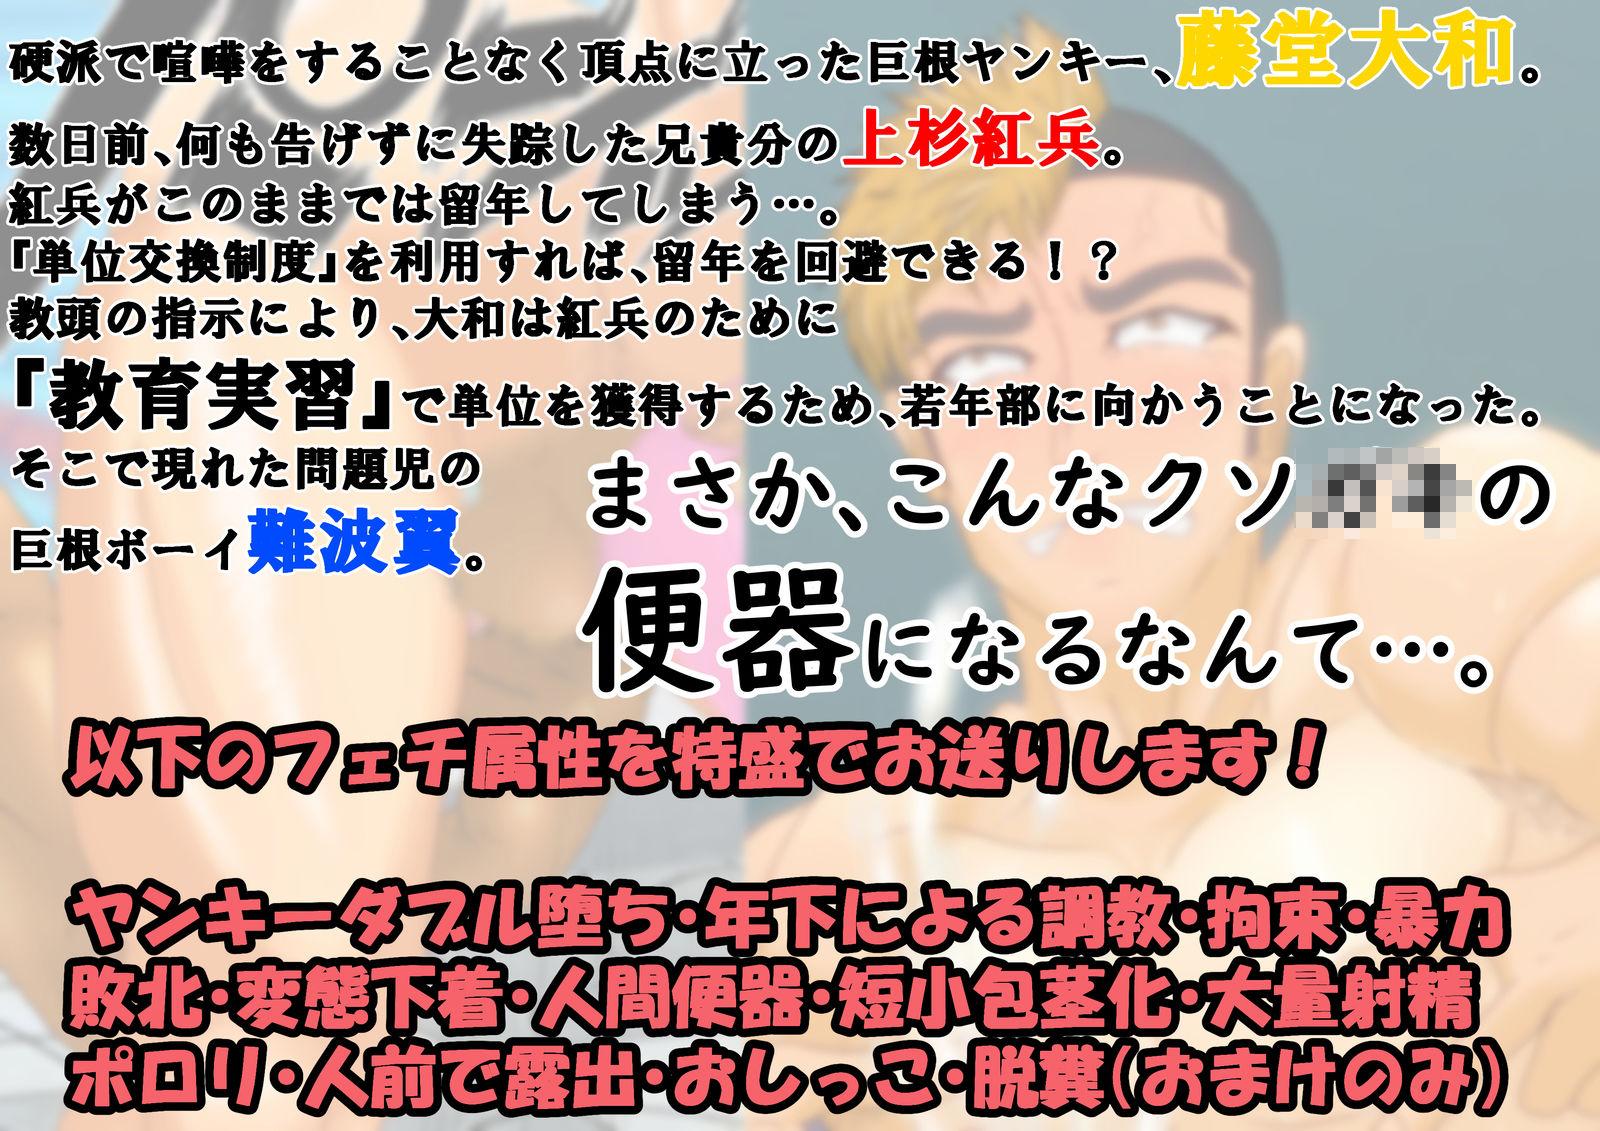 最強巨根ズル剥けムキムキヤンキーをクソガ○が調教! 〜短小おちんぽになった夏〜